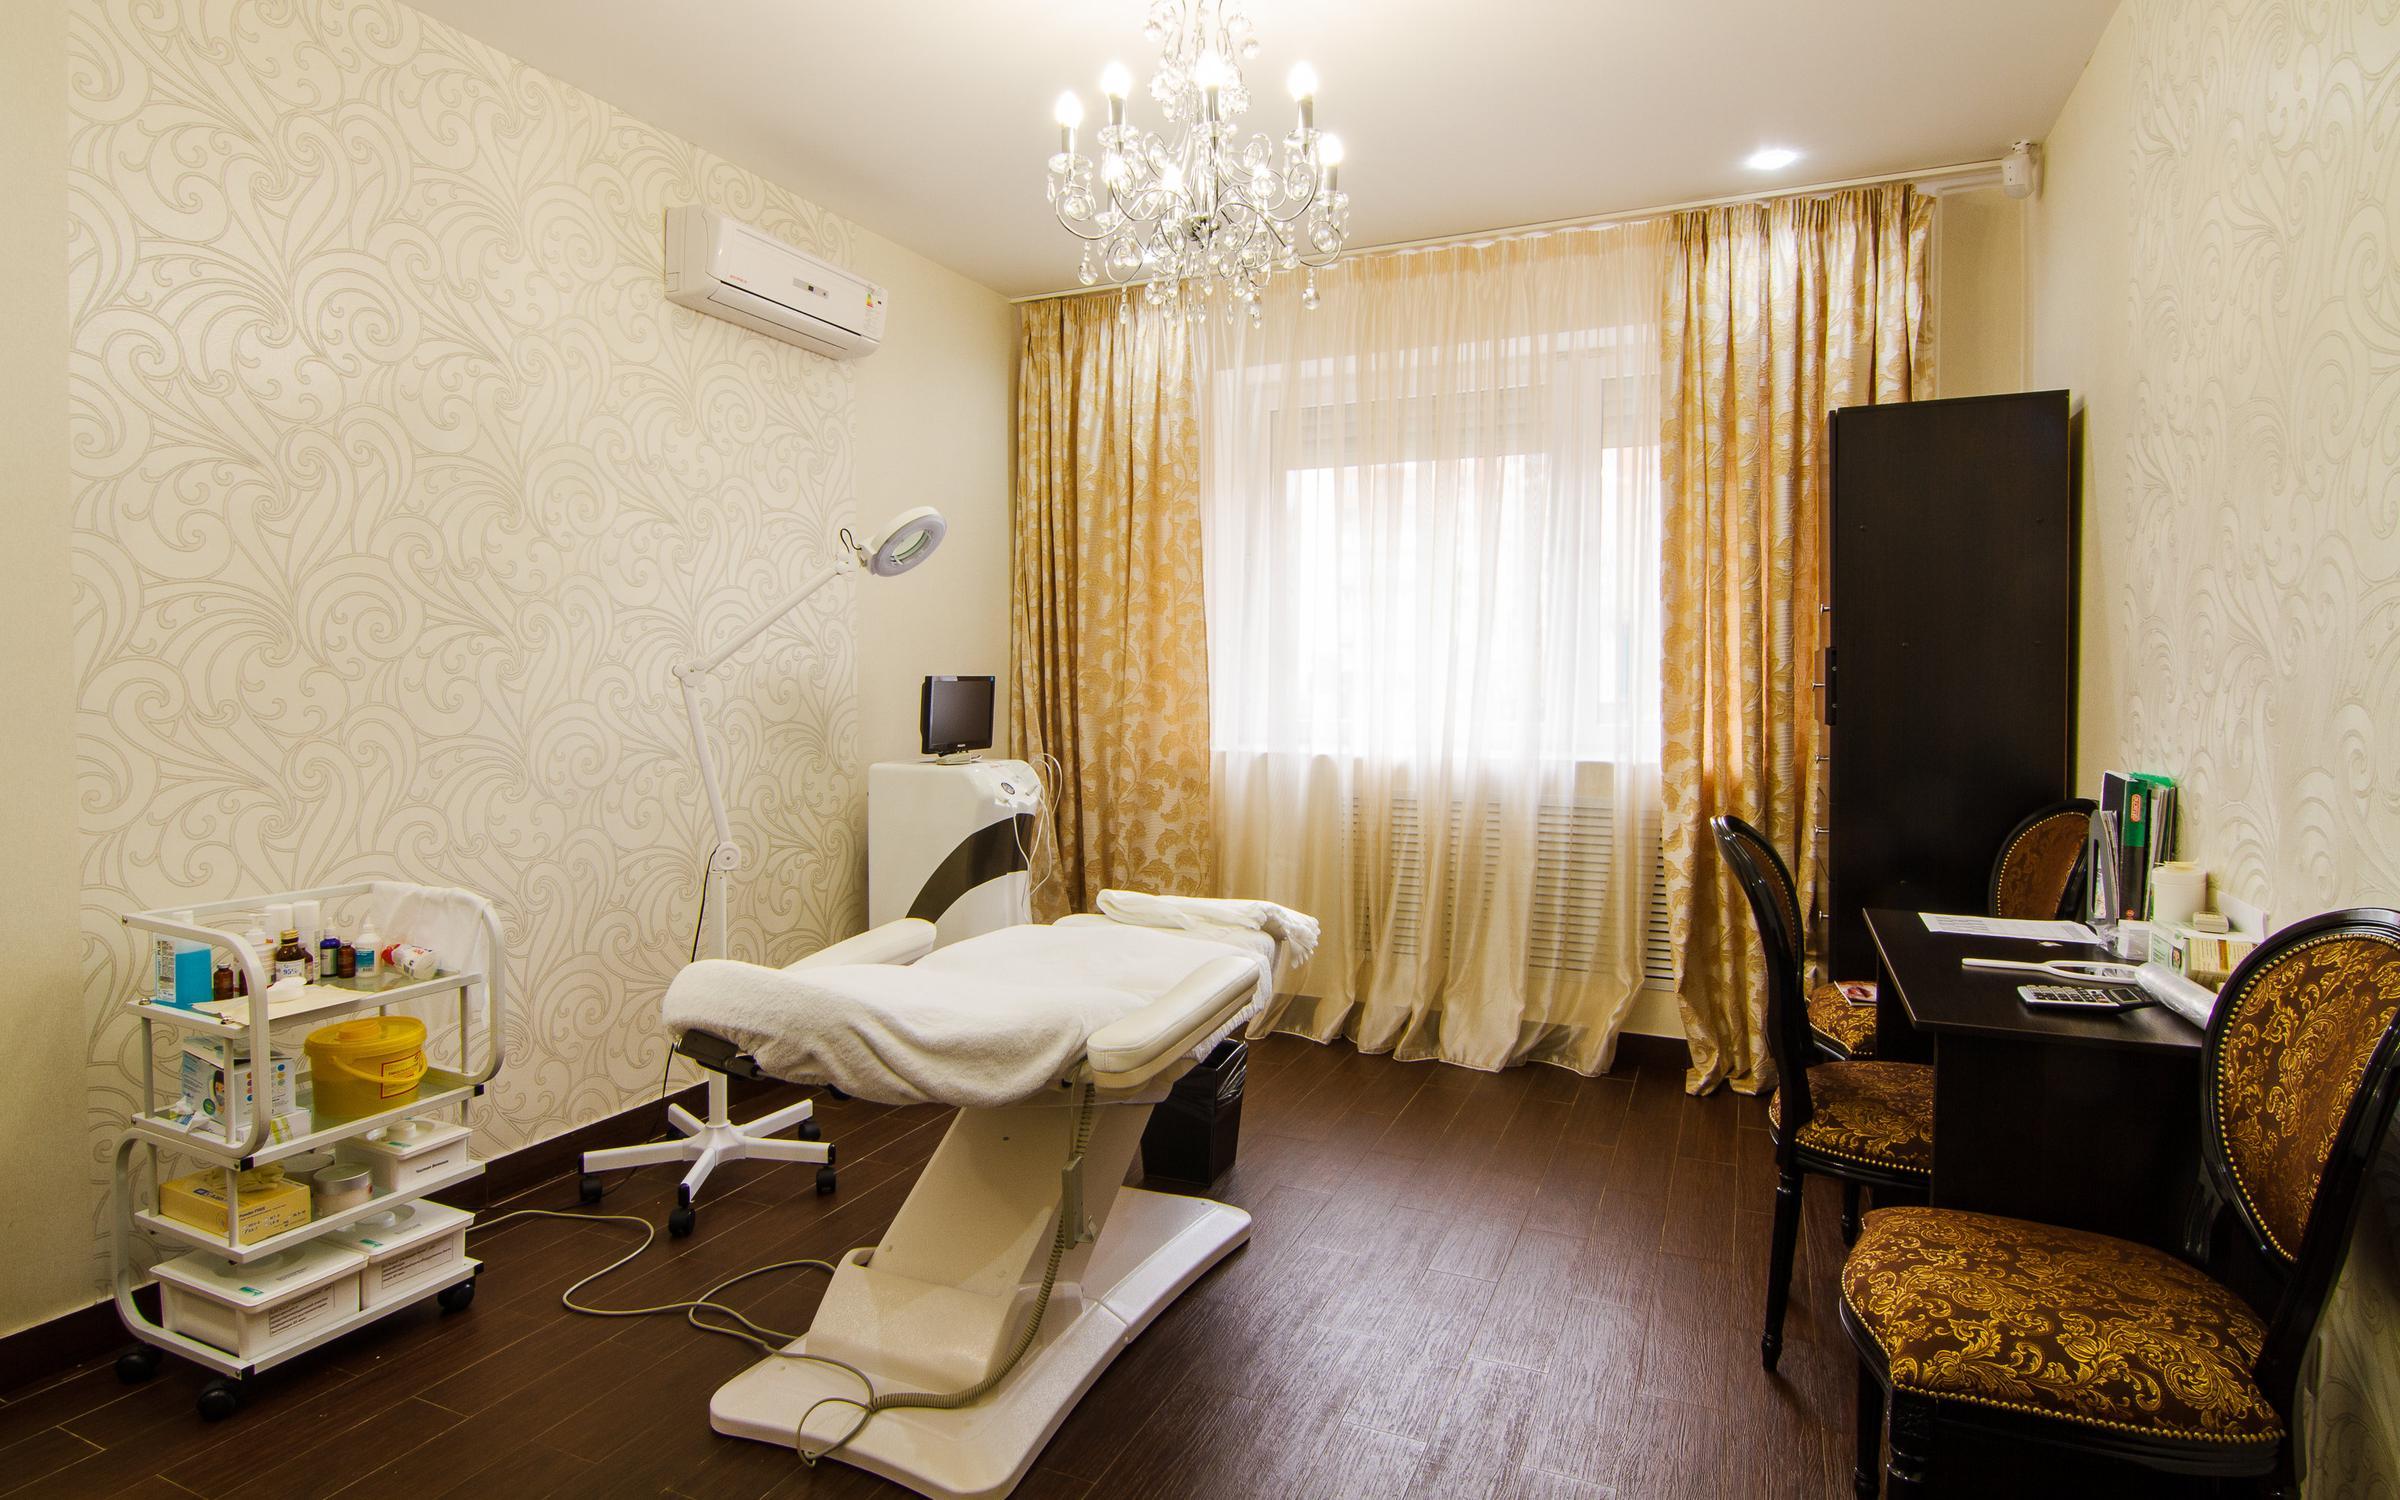 фотография Центра эстетической медицины и косметологии Новоклиник на Профсоюзной улице